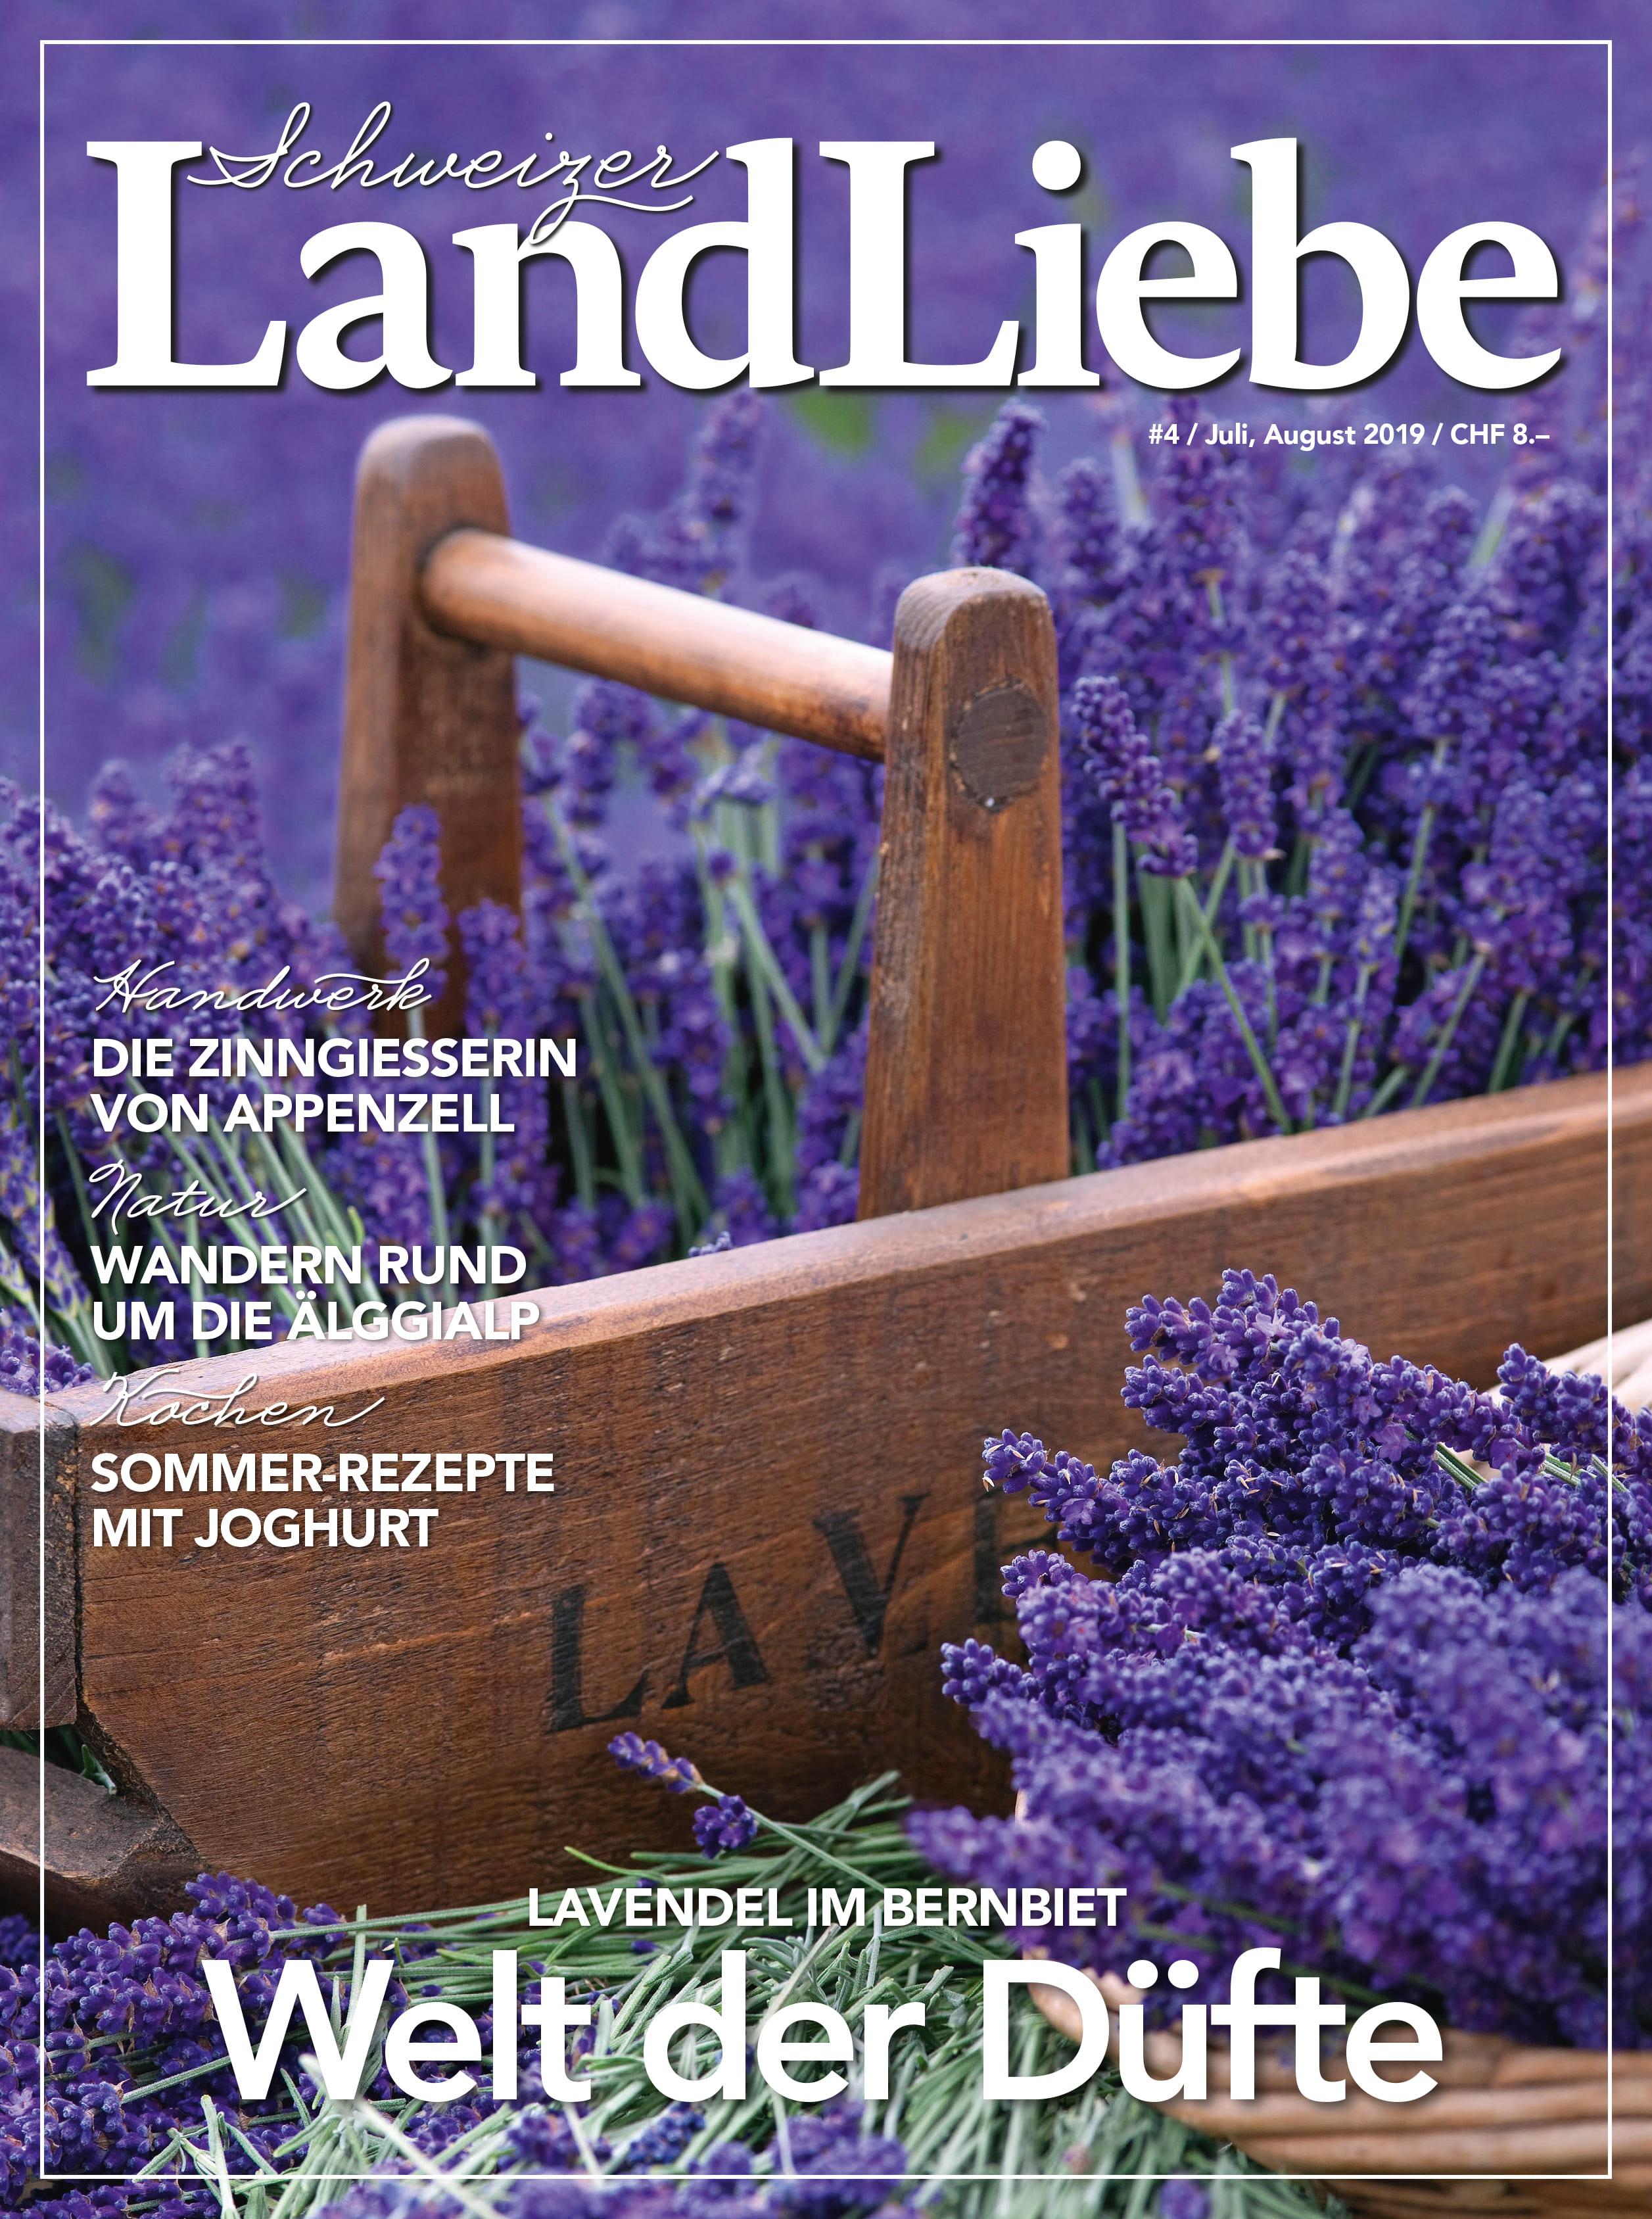 LandLiebe Jahres-Abo inklusive Victorinox Sackmesser «Camper» nur CHF 59.00